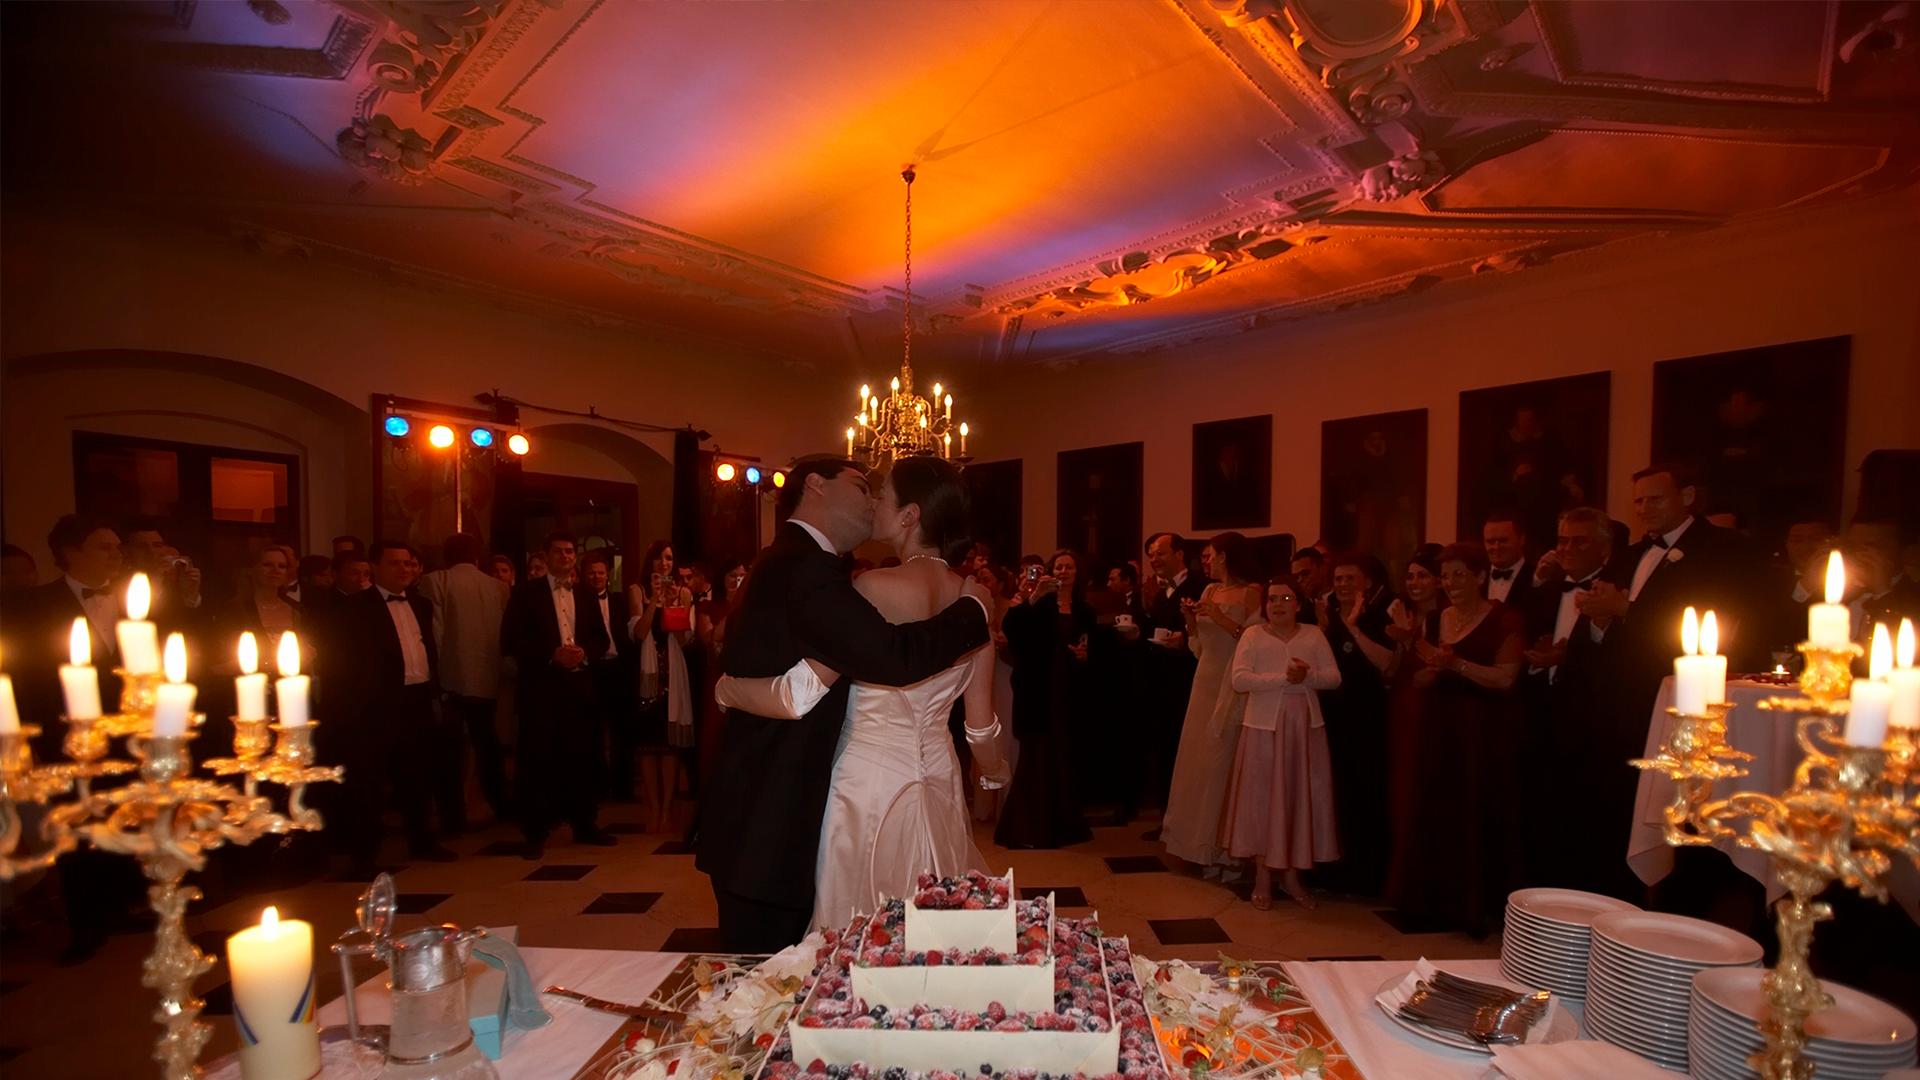 Gartenschloss Herberstein auf Ice-Wedding.at auf Ice-Wedding.at 2